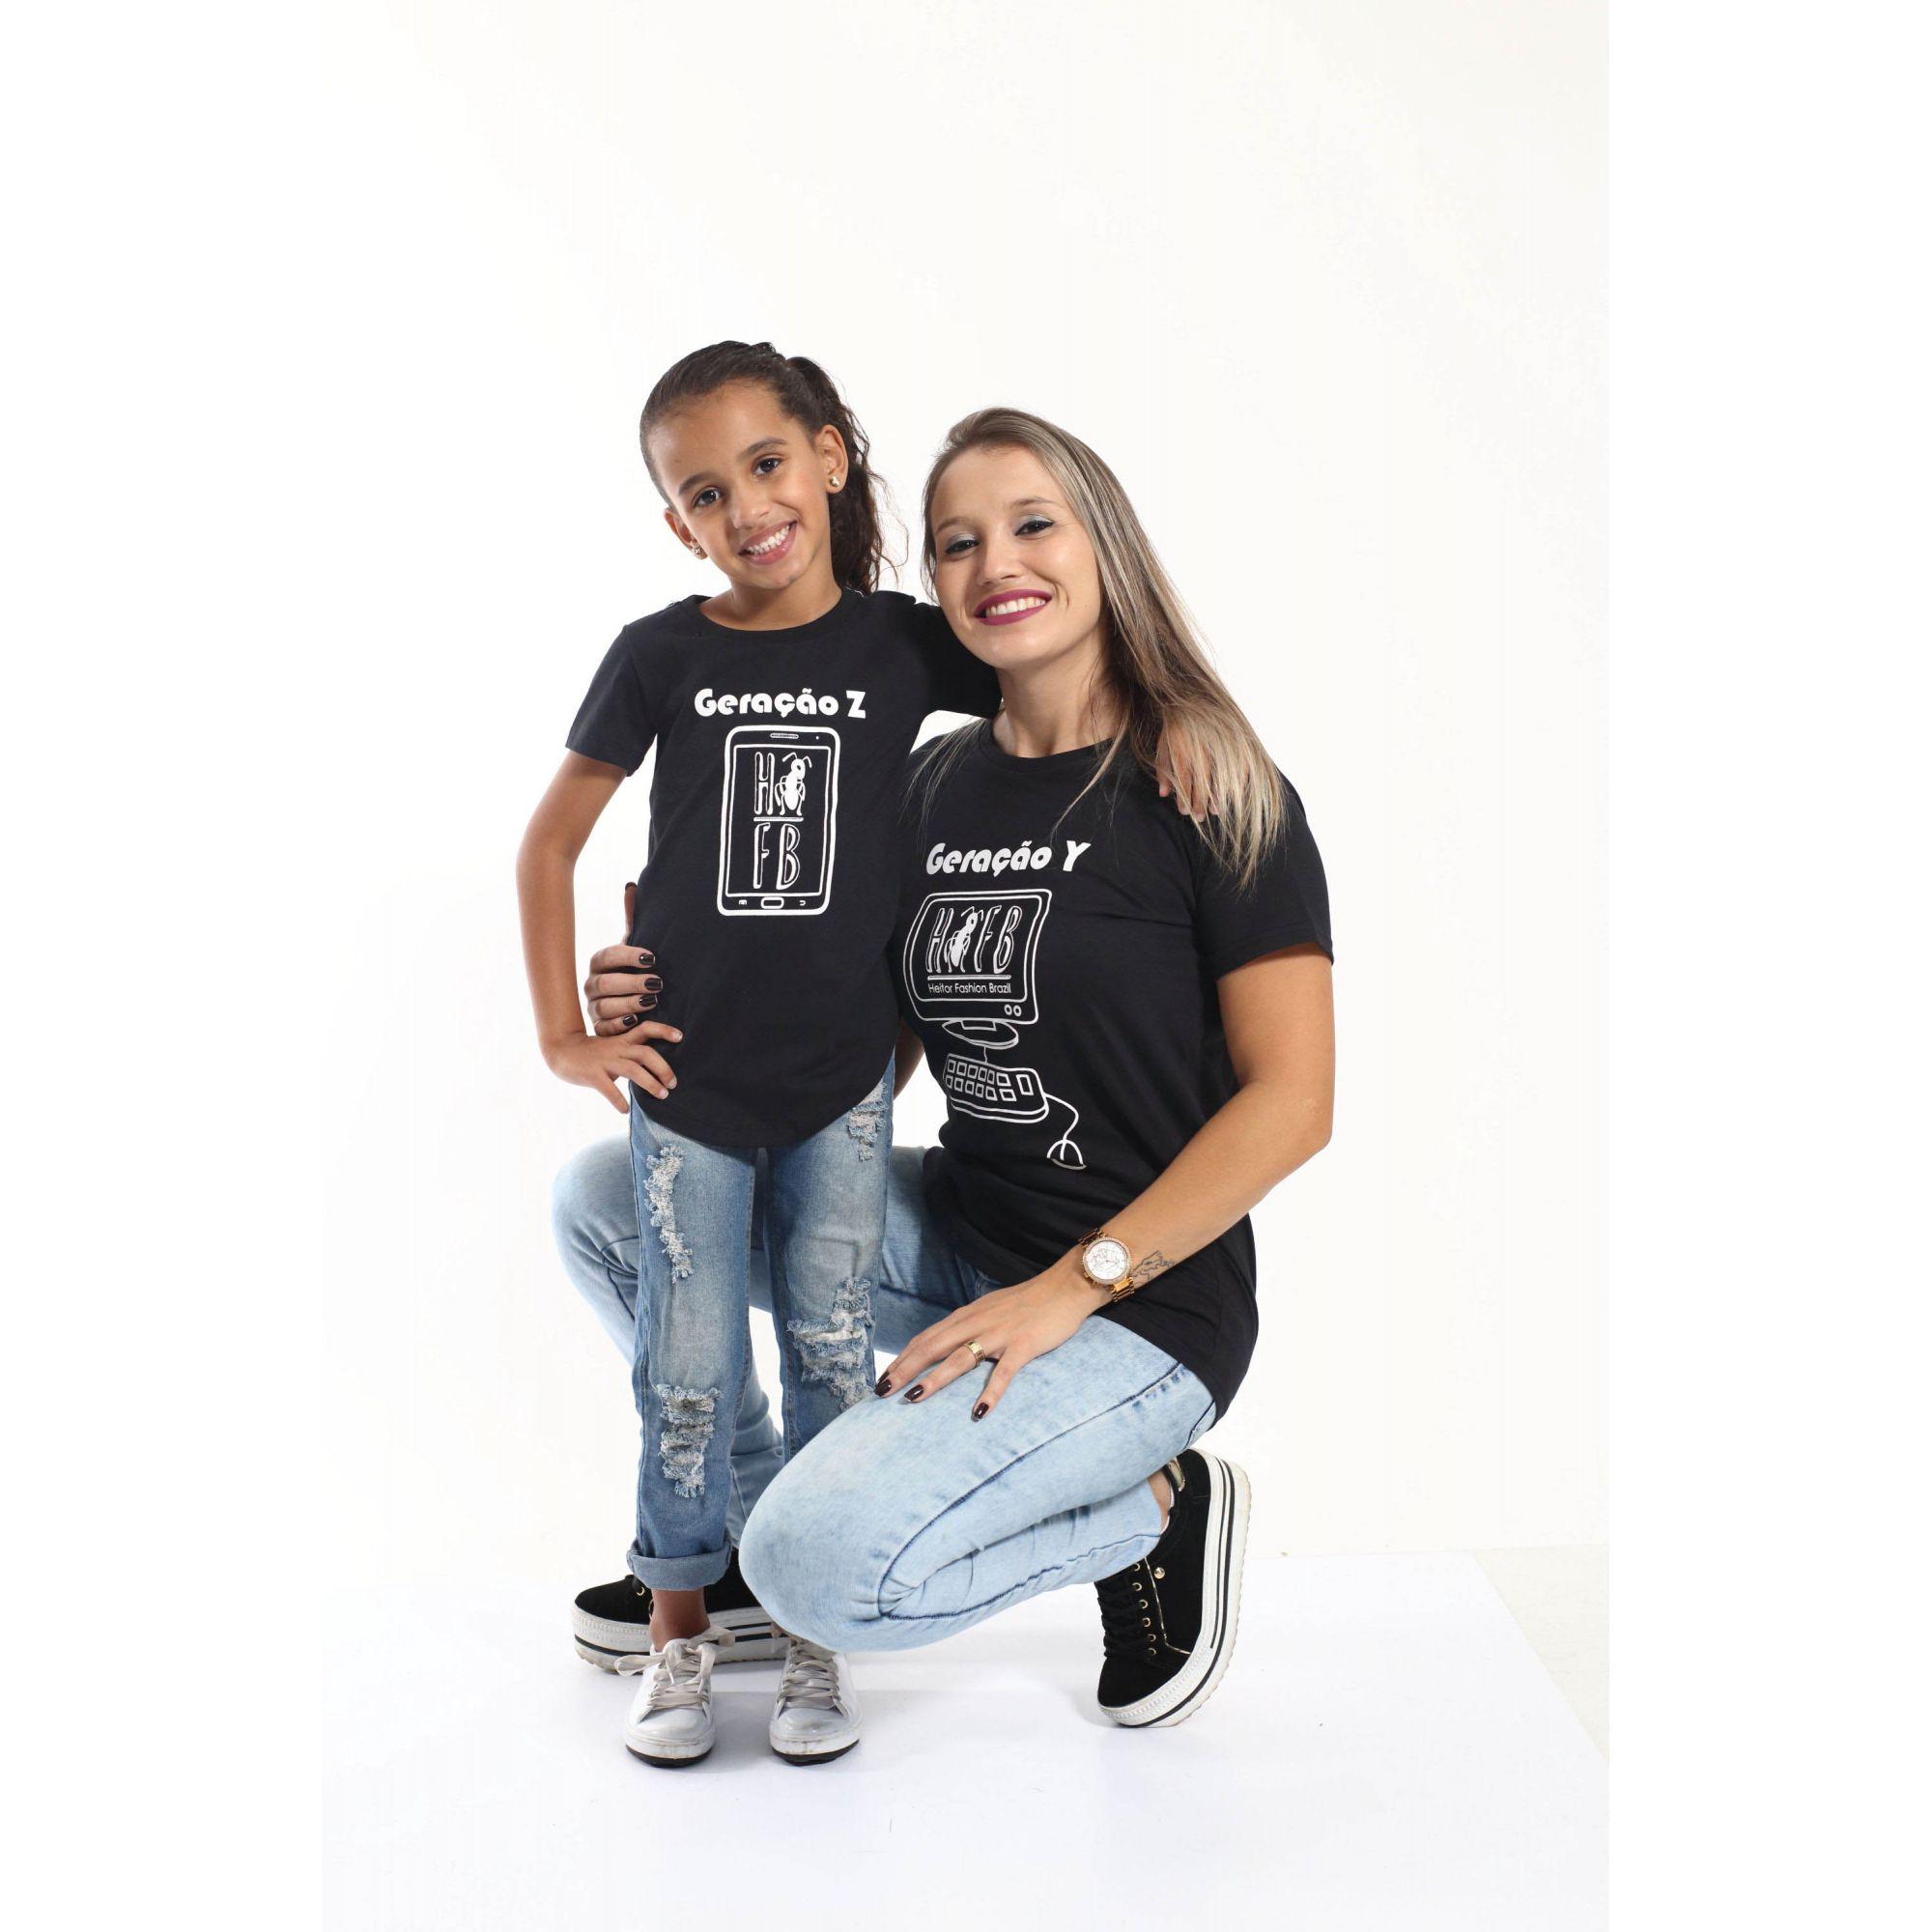 MÃE E FILHA > Kit 02 Camisetas Long Geração Z e Y [Coleção Tal Mãe Tal Filha]  - Heitor Fashion Brazil